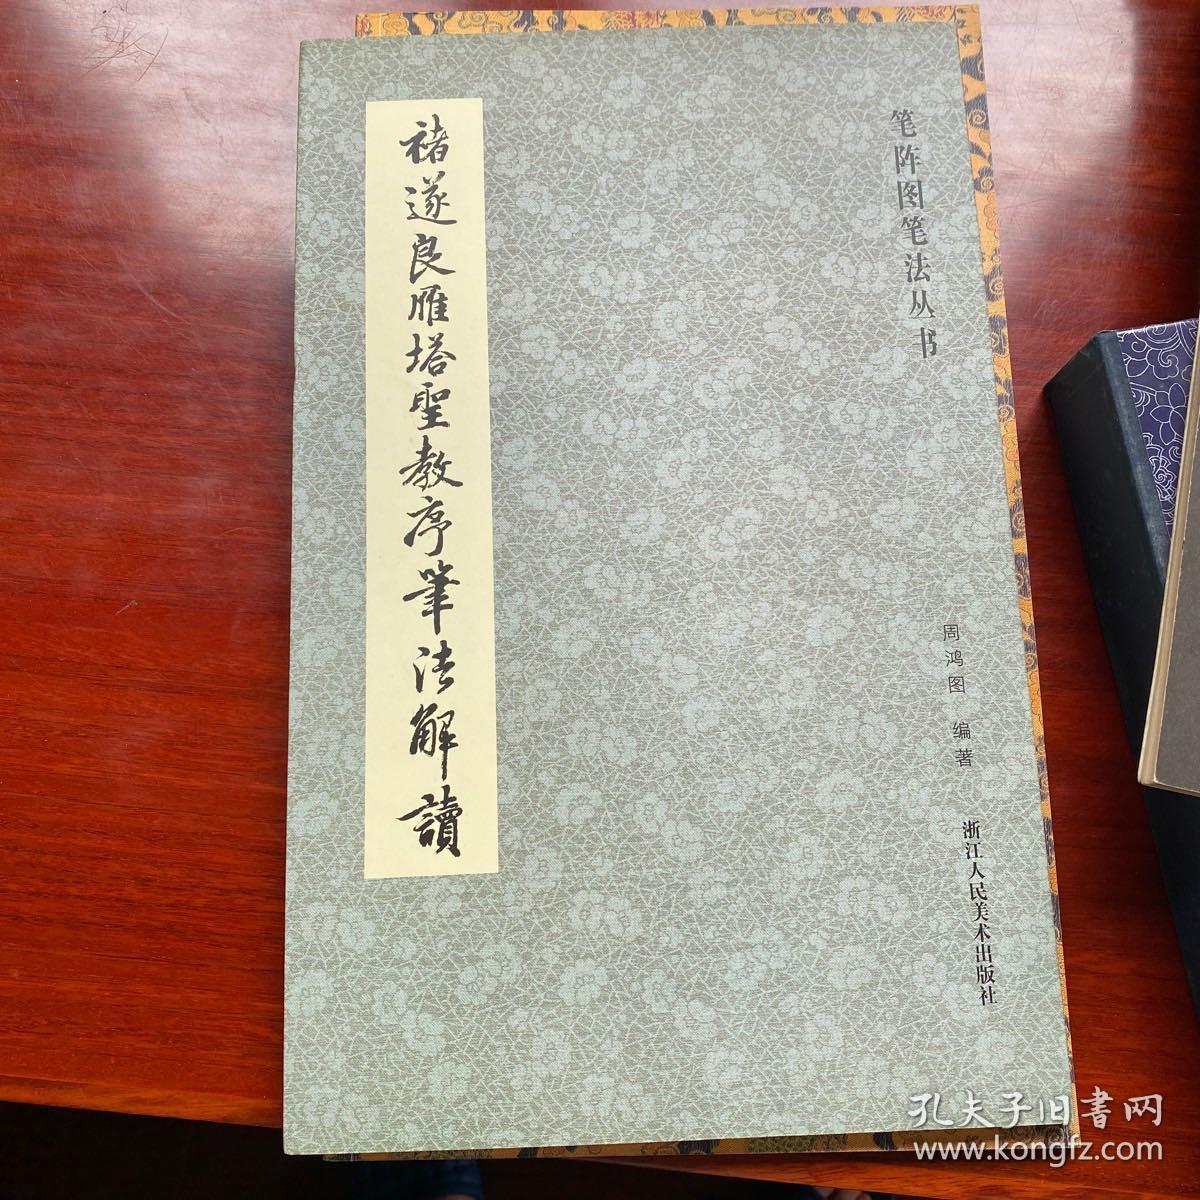 笔阵图笔法丛书:褚遂良雁塔圣教序笔法解读